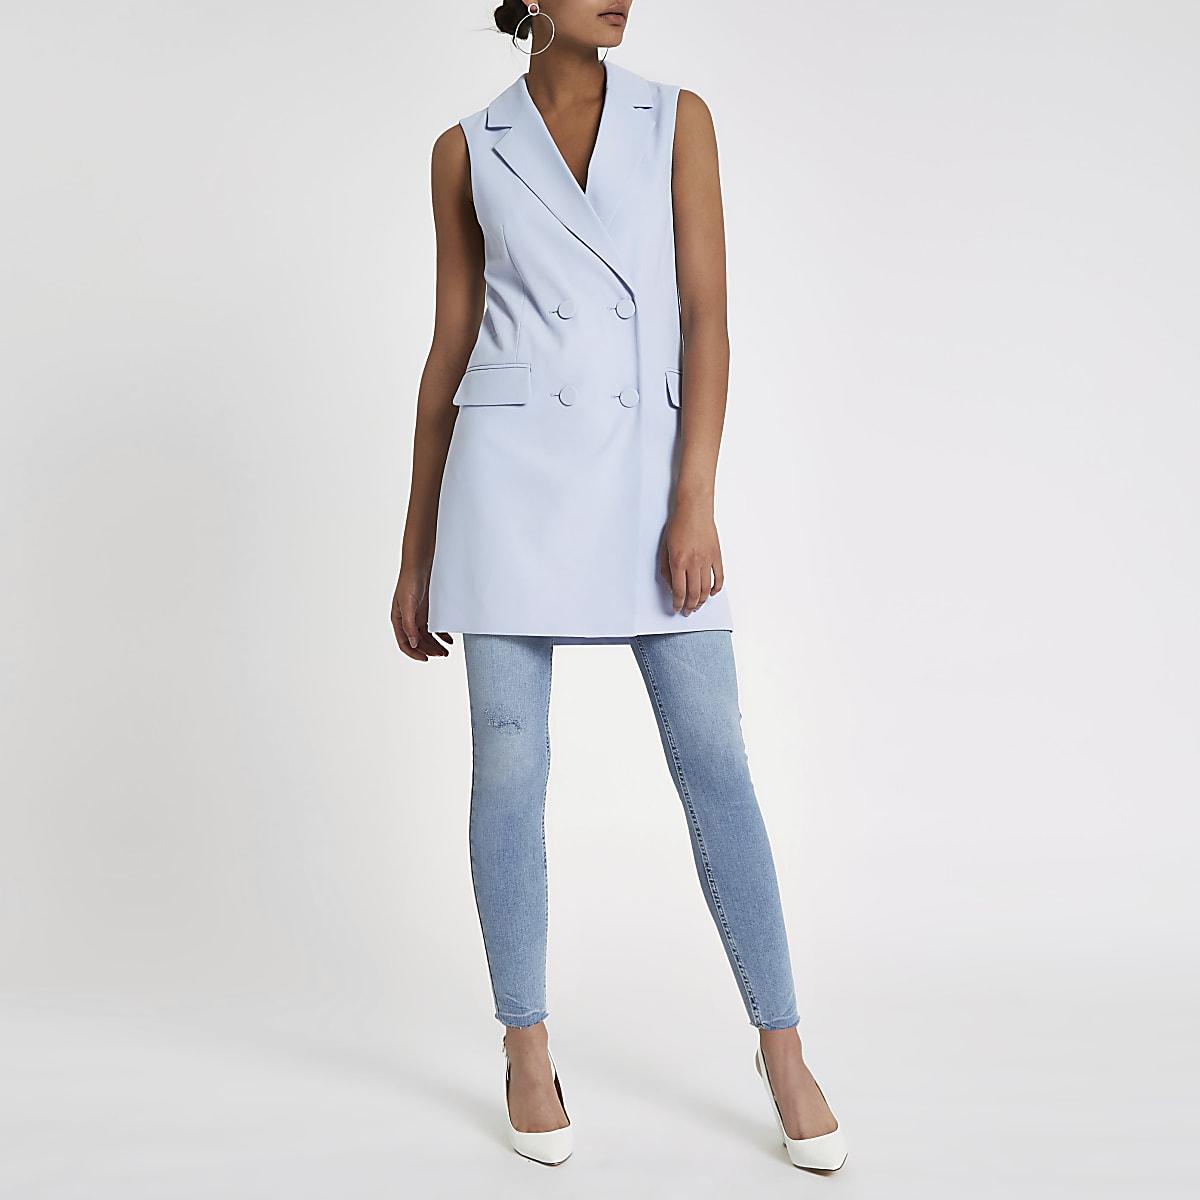 Blue double breasted sleeveless jacket